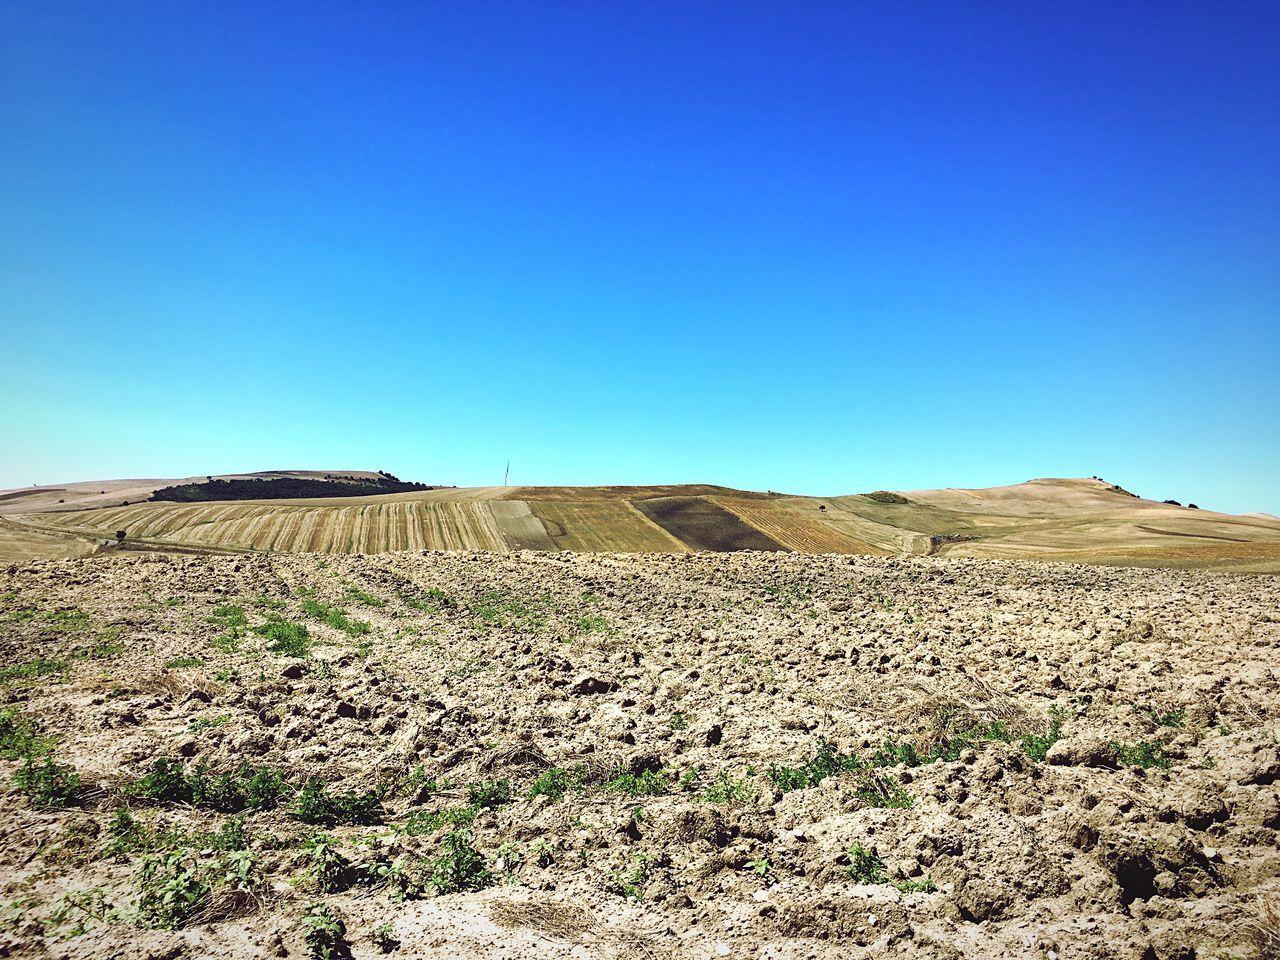 Italy Countryside Landscape Harvest Basilicata